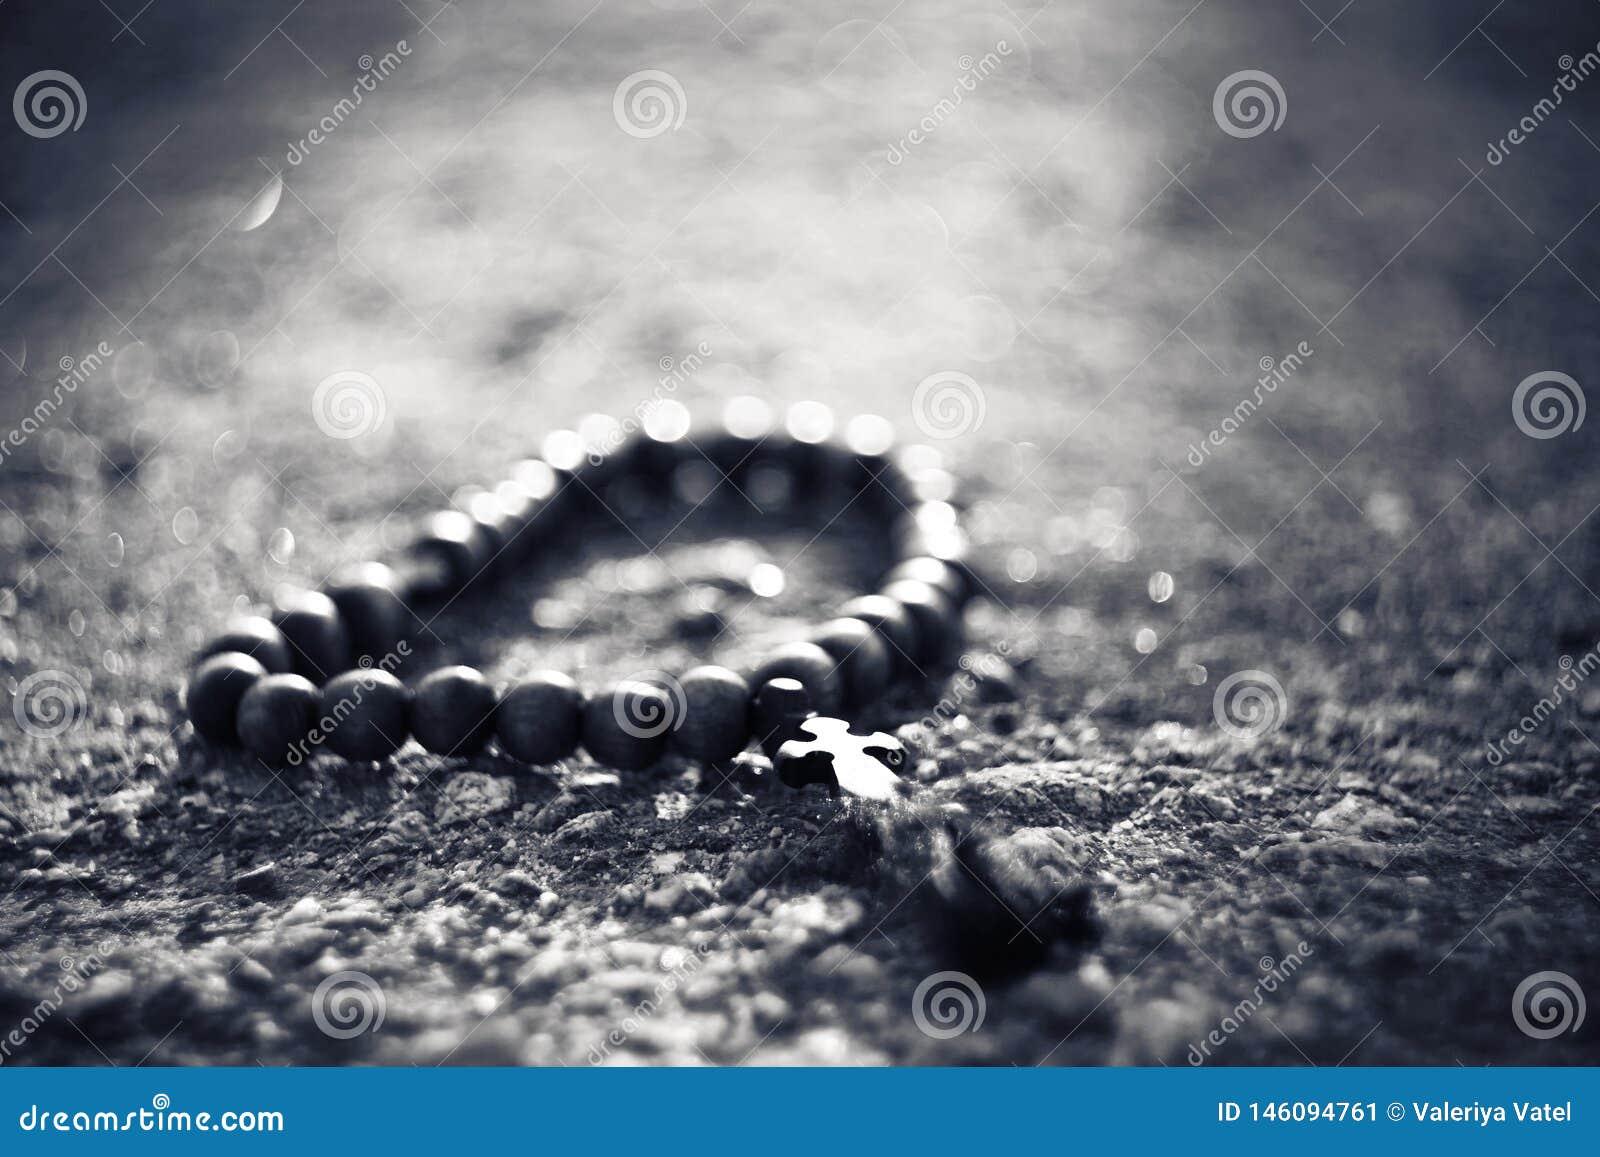 Imagen blanco y negro del rosario de madera con una cruz